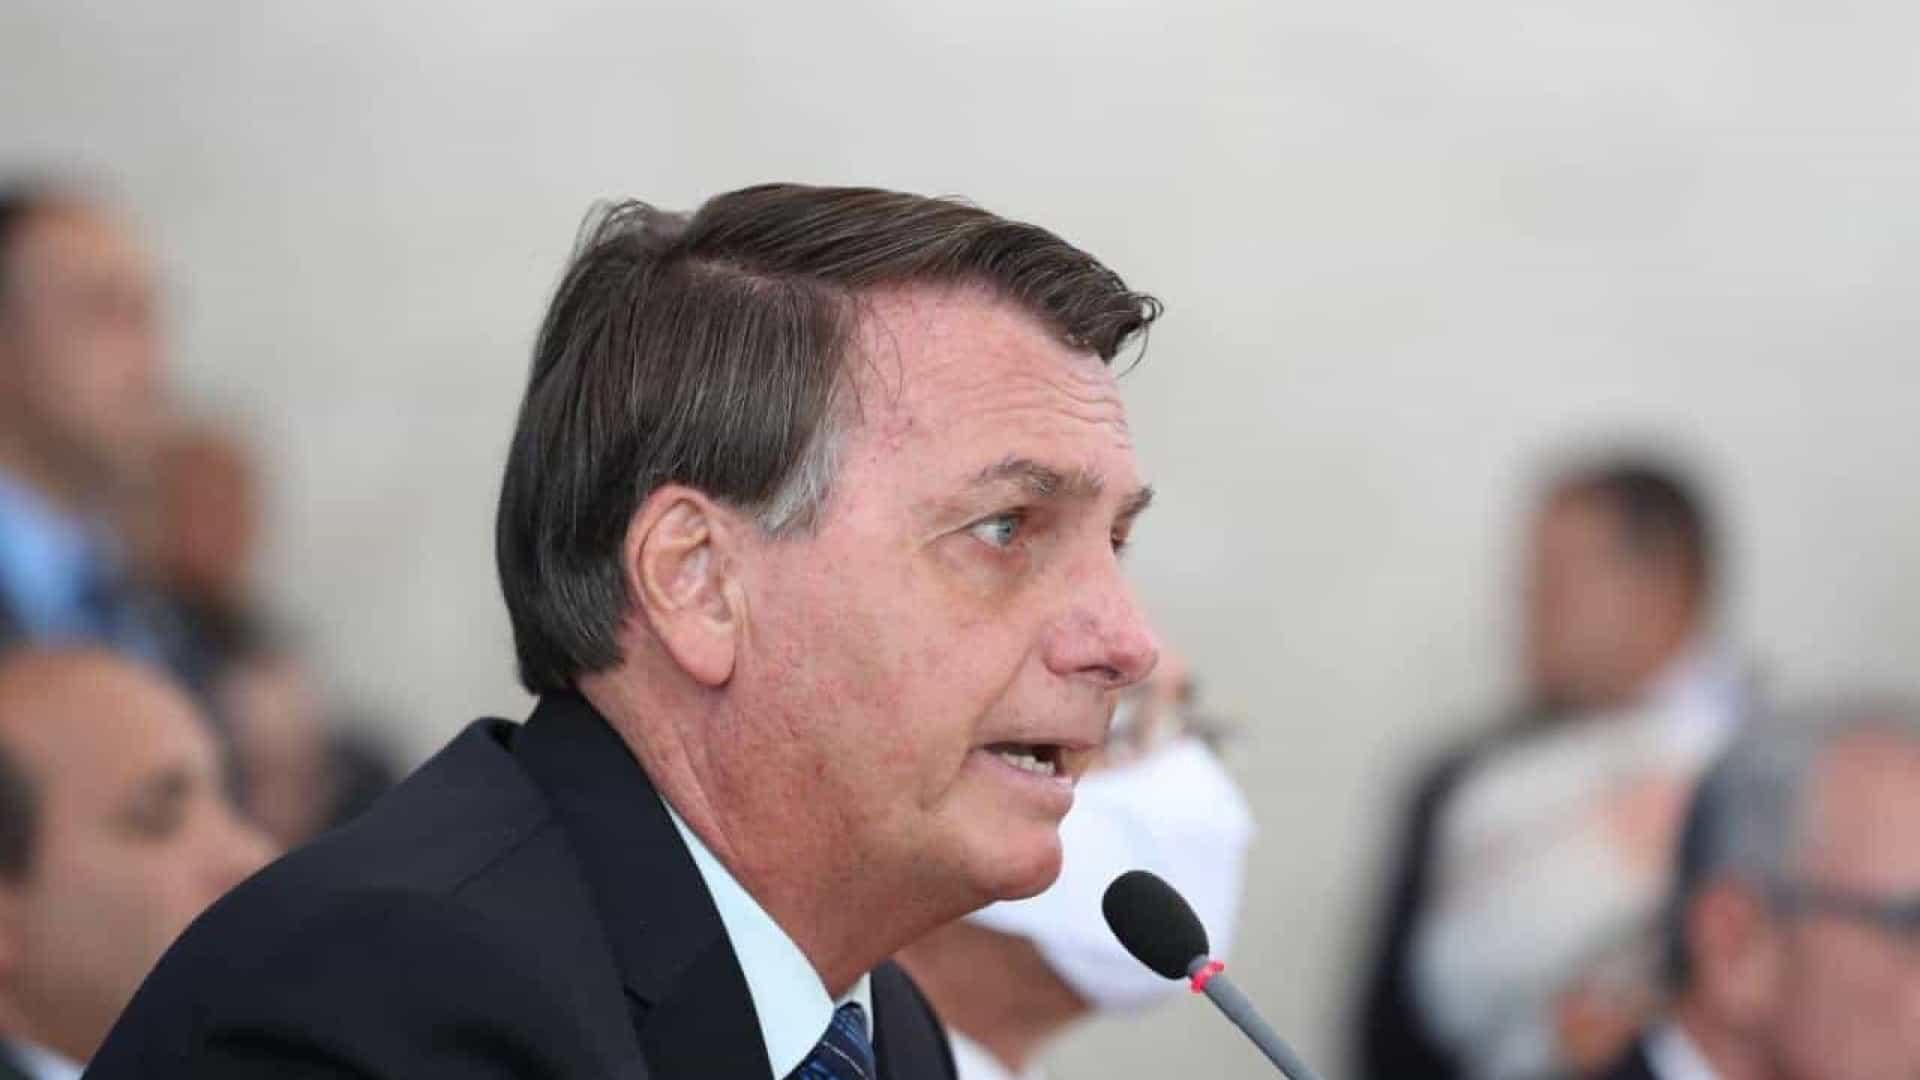 naom 601d83c760183 - Em novo ataque à imprensa, Bolsonaro insulta apresentadora da CNN Brasil